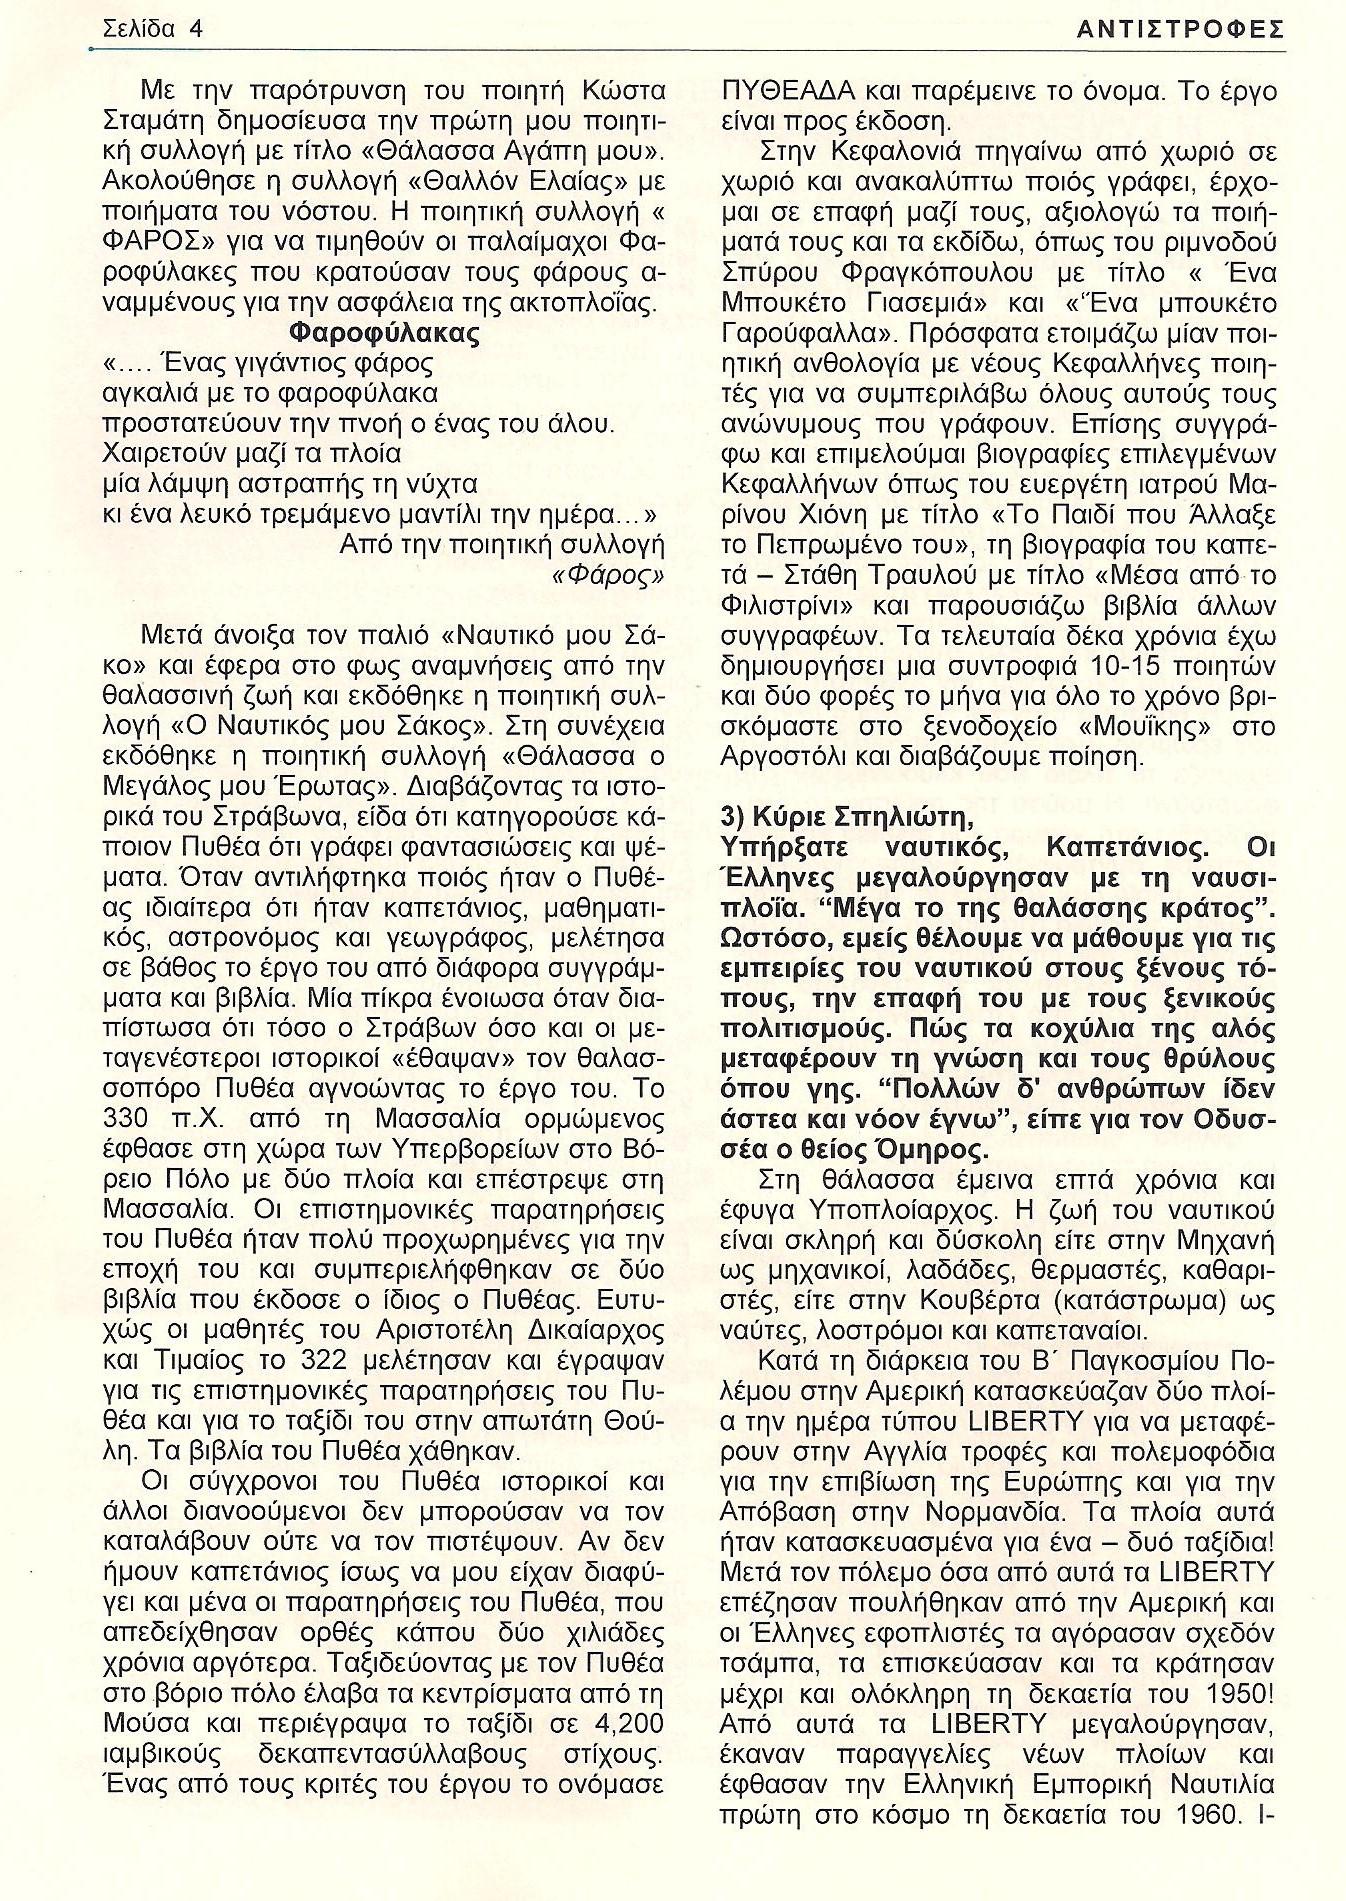 ΣΥΝΕΝΤΕΥΞΗ ΣΠΗΛΙΩΤΗ  ΣΤΟ  ΑΝΤΙΣΤΡΟΦΕΣ ΣΕΛ.2.jpg